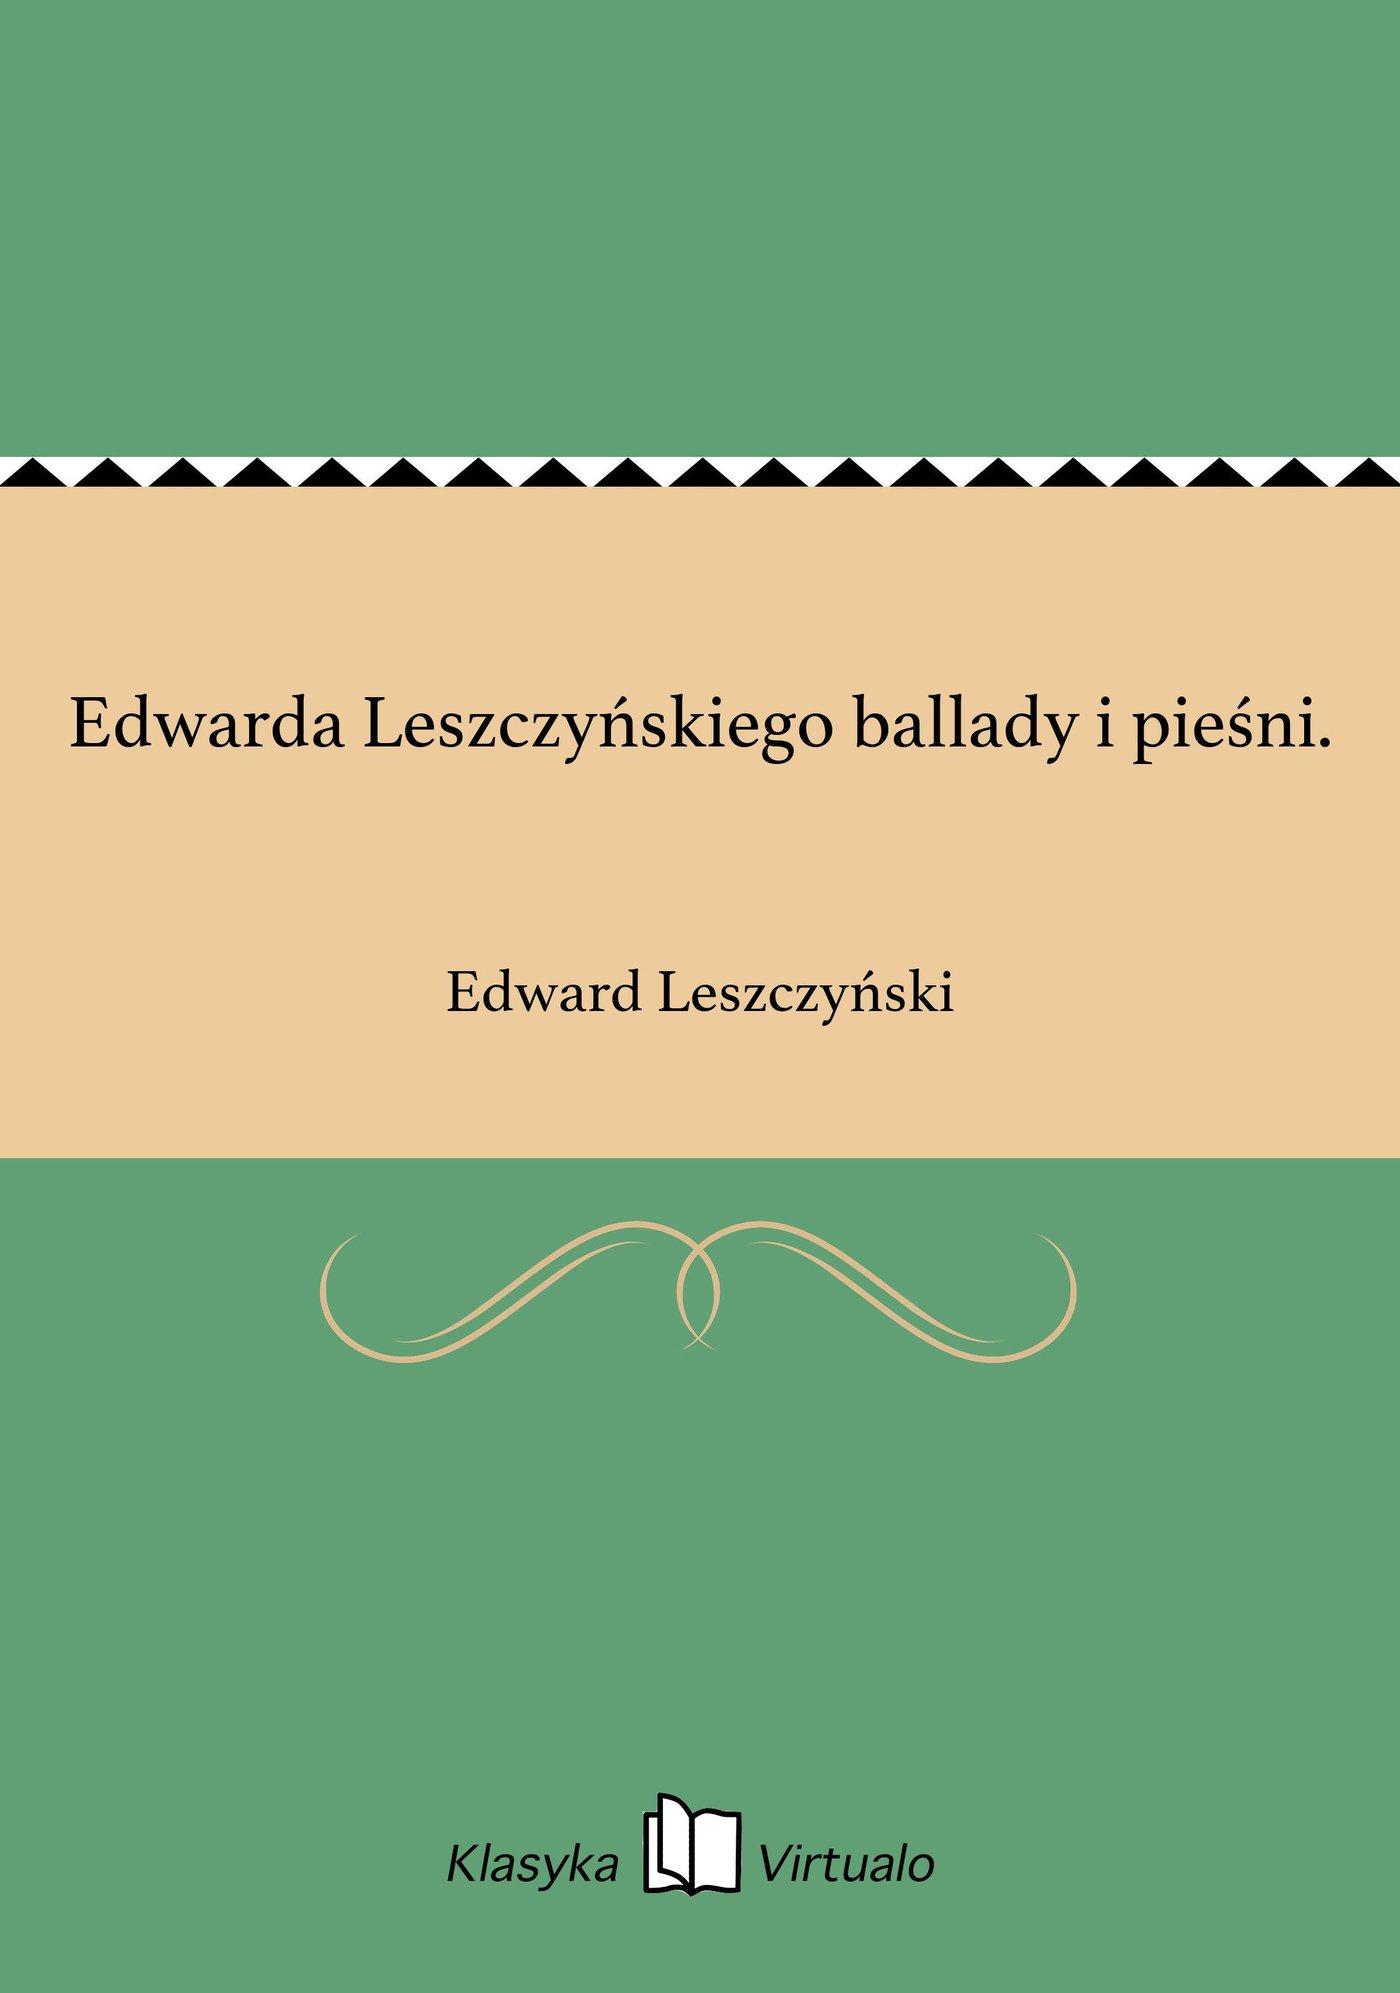 Edwarda Leszczyńskiego ballady i pieśni. - Ebook (Książka na Kindle) do pobrania w formacie MOBI